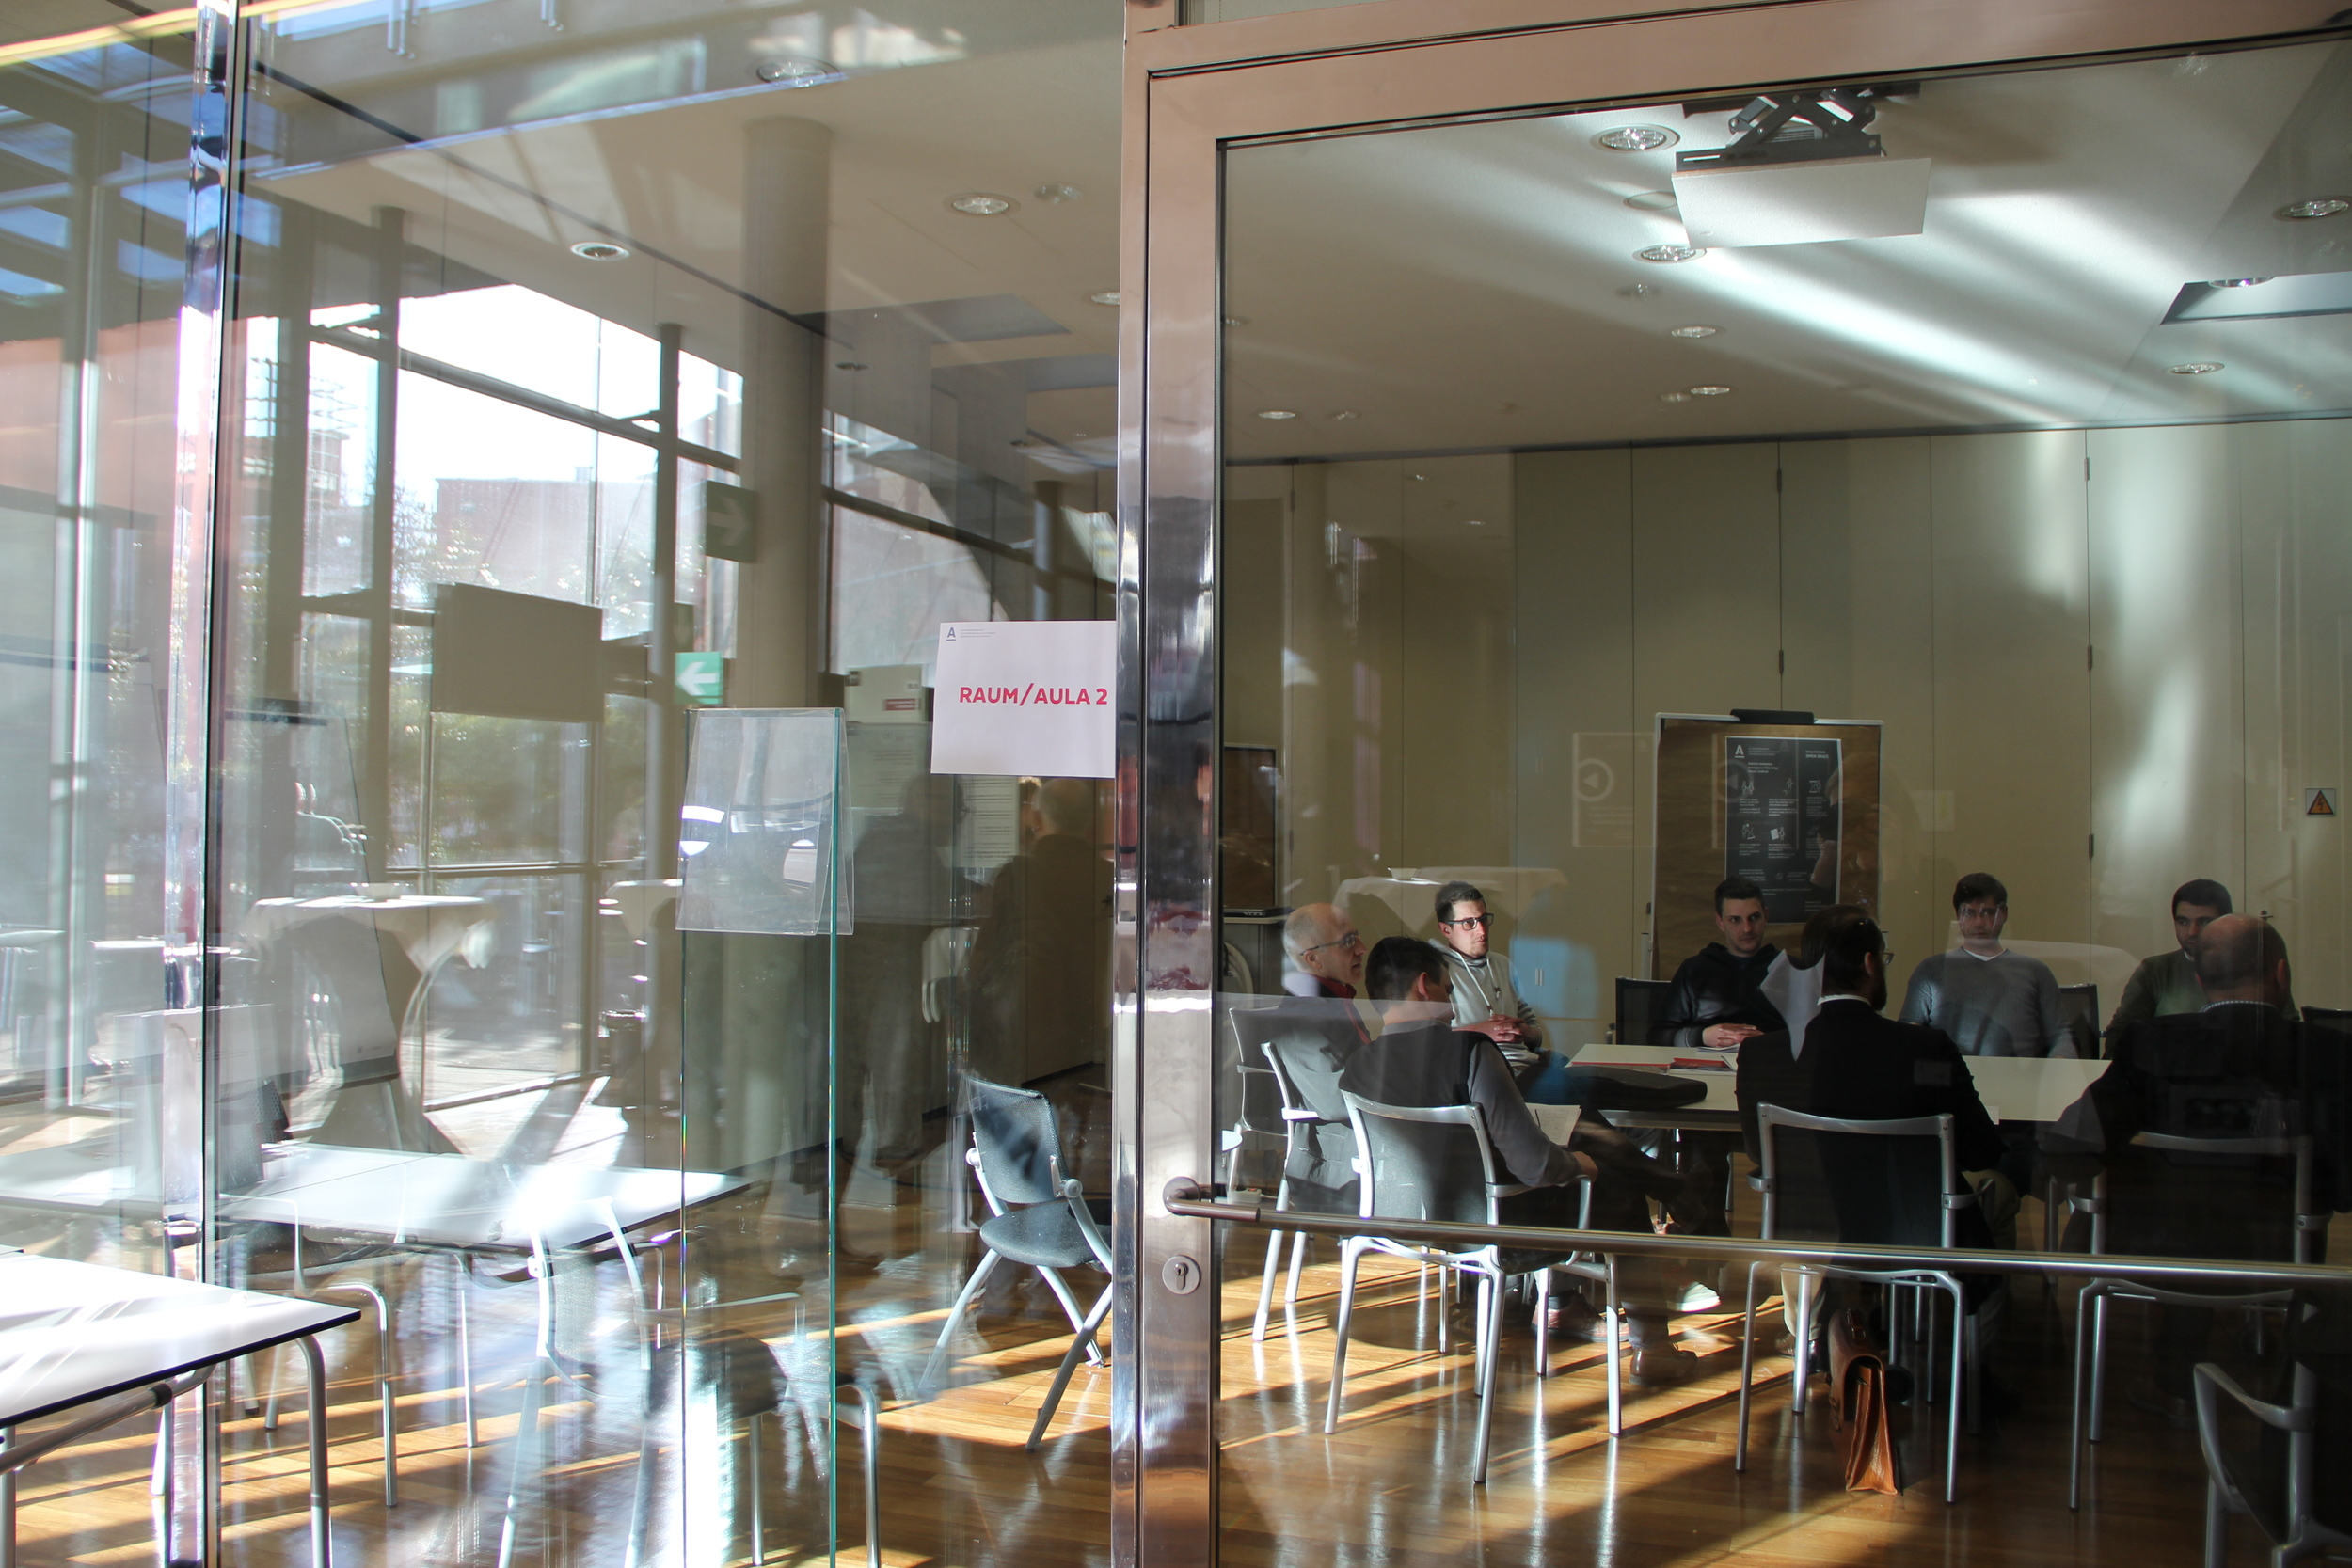 In Kleingruppen diskutieren die Teilnehmer zu verschiedenen Themen.